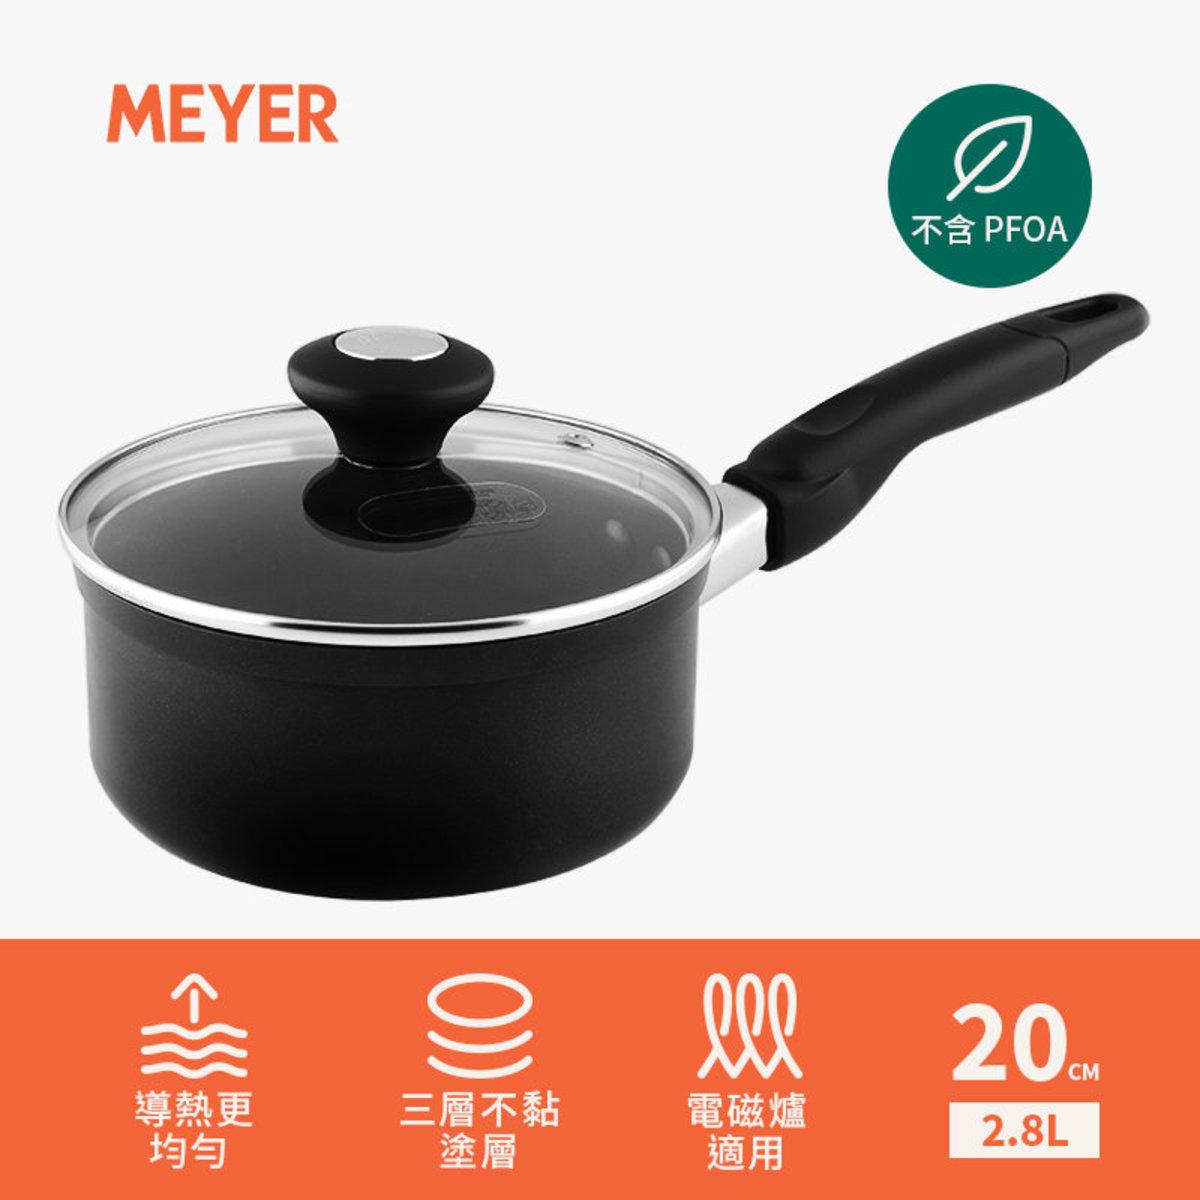 (電磁爐適用) 20cm | 2.8L 易潔單柄湯煲連蓋 - COOK 'N LOOK(#18886)